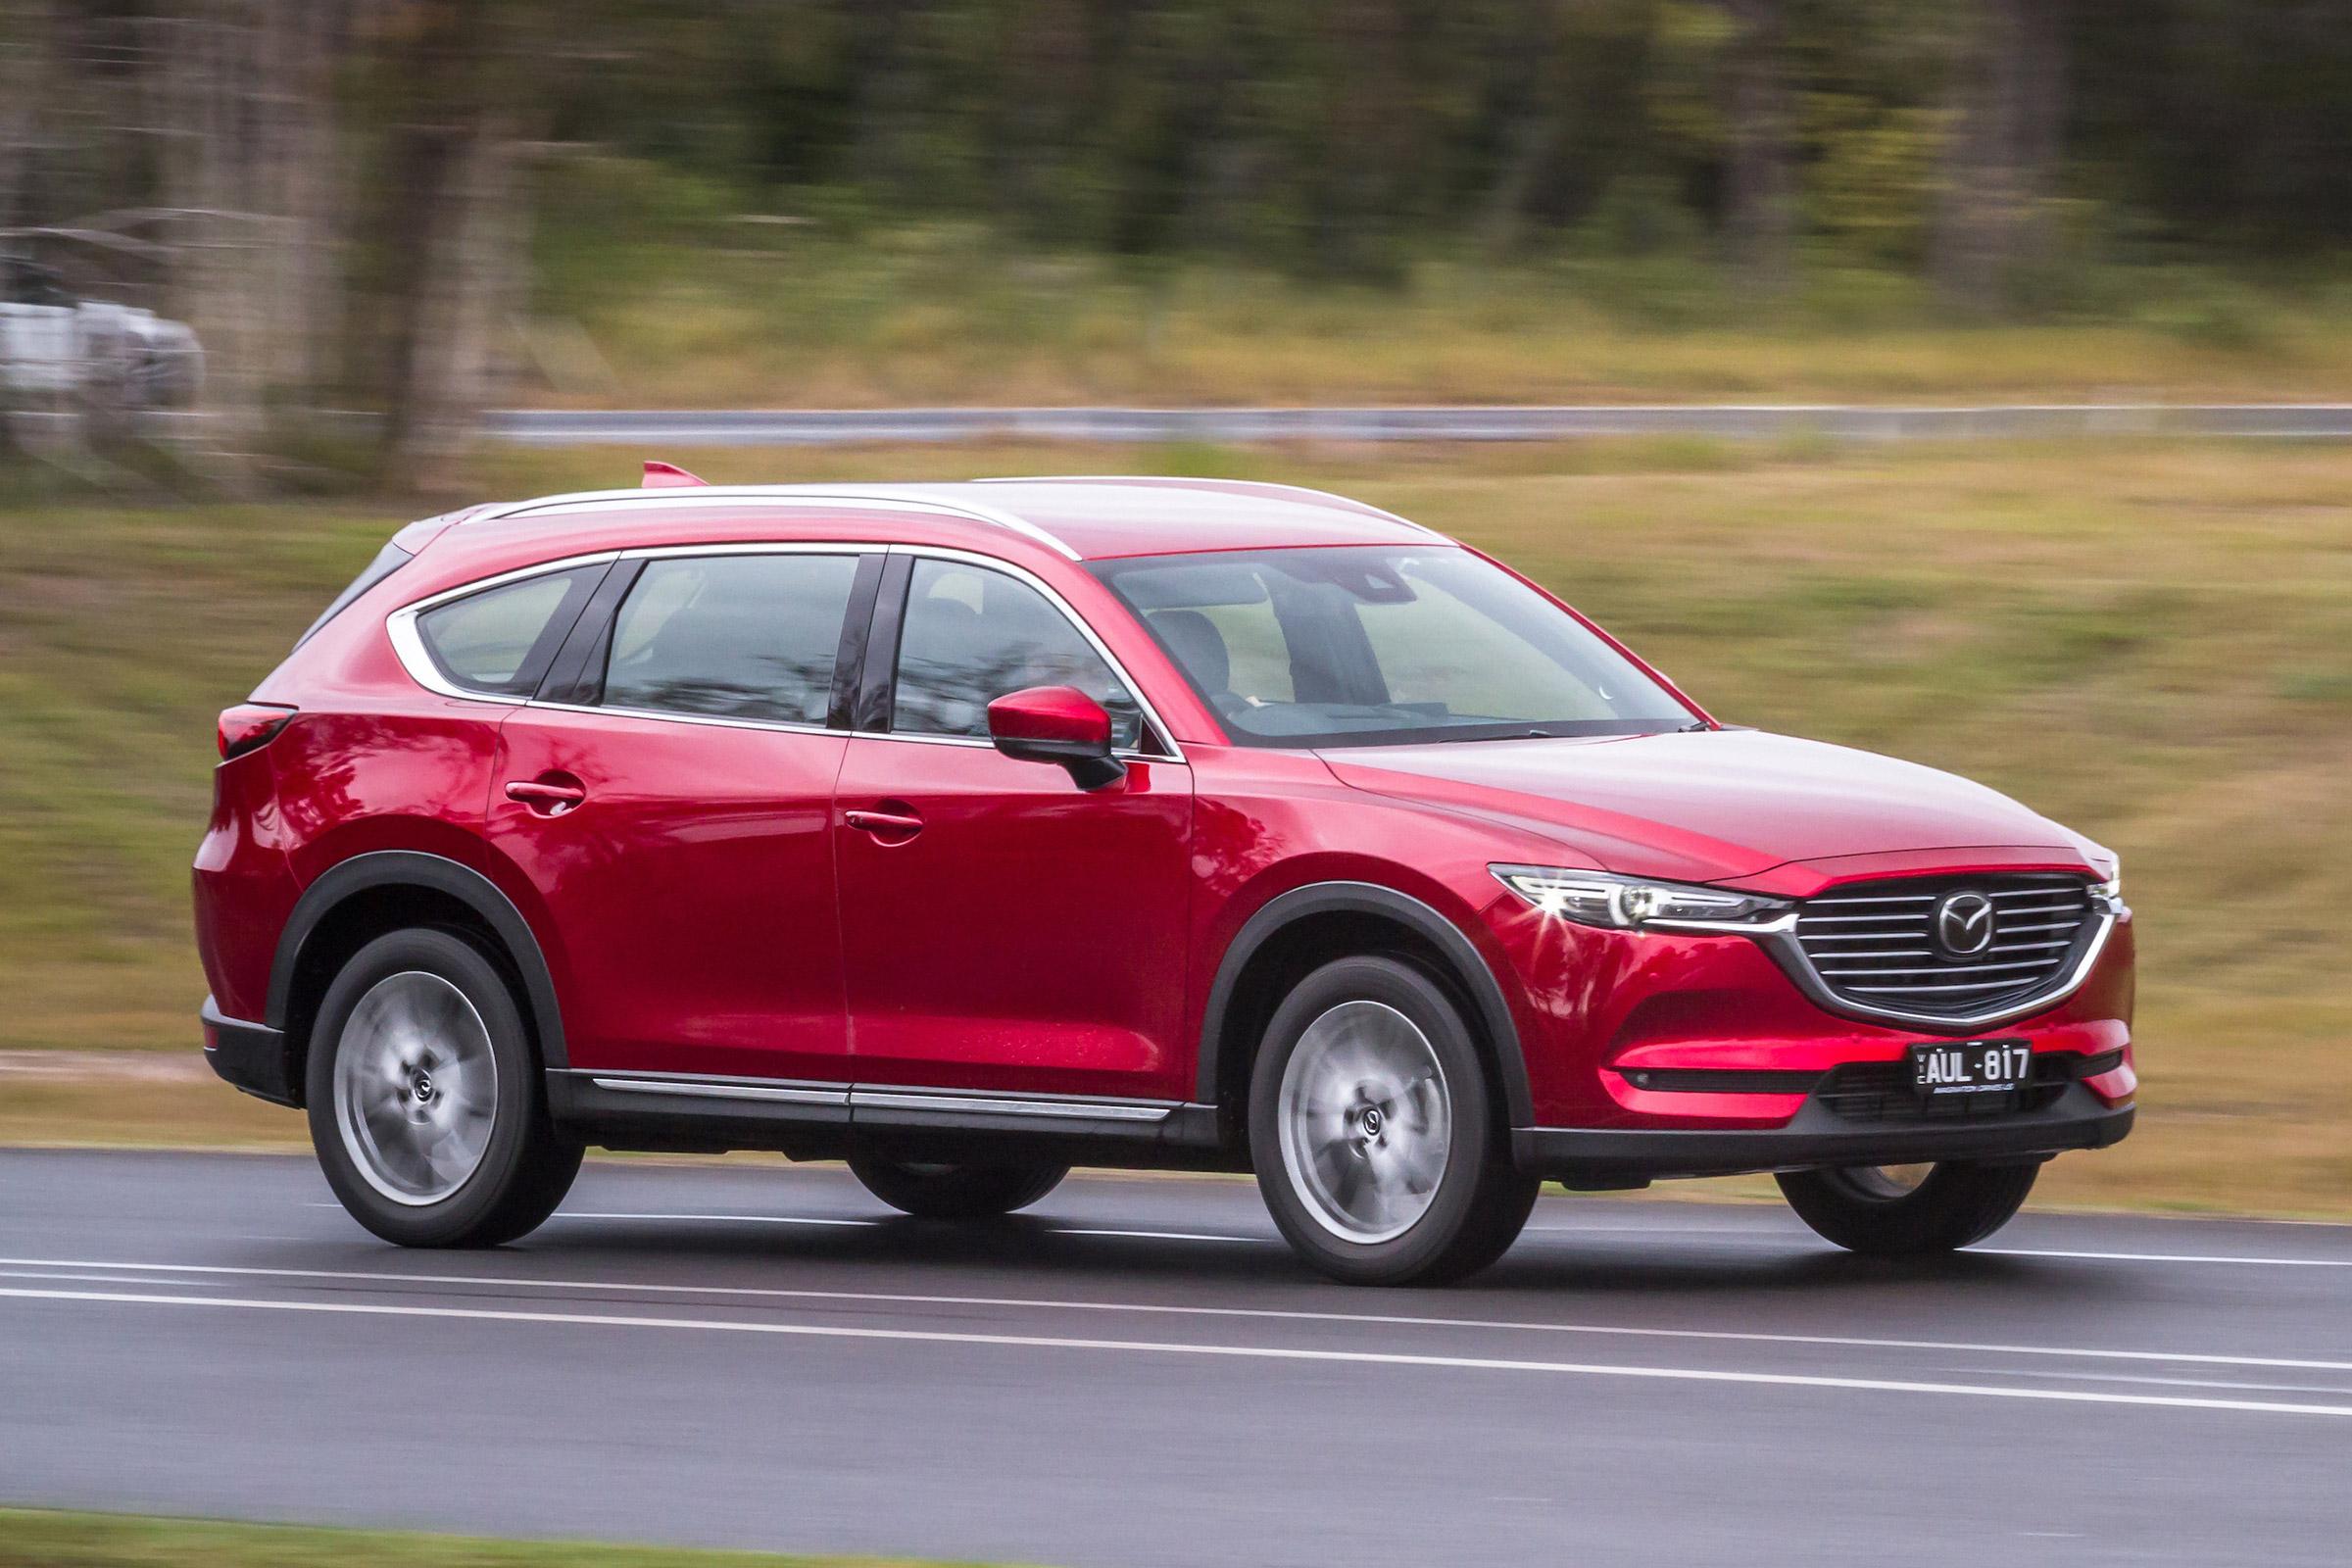 Kelebihan Mazda 8 Murah Berkualitas